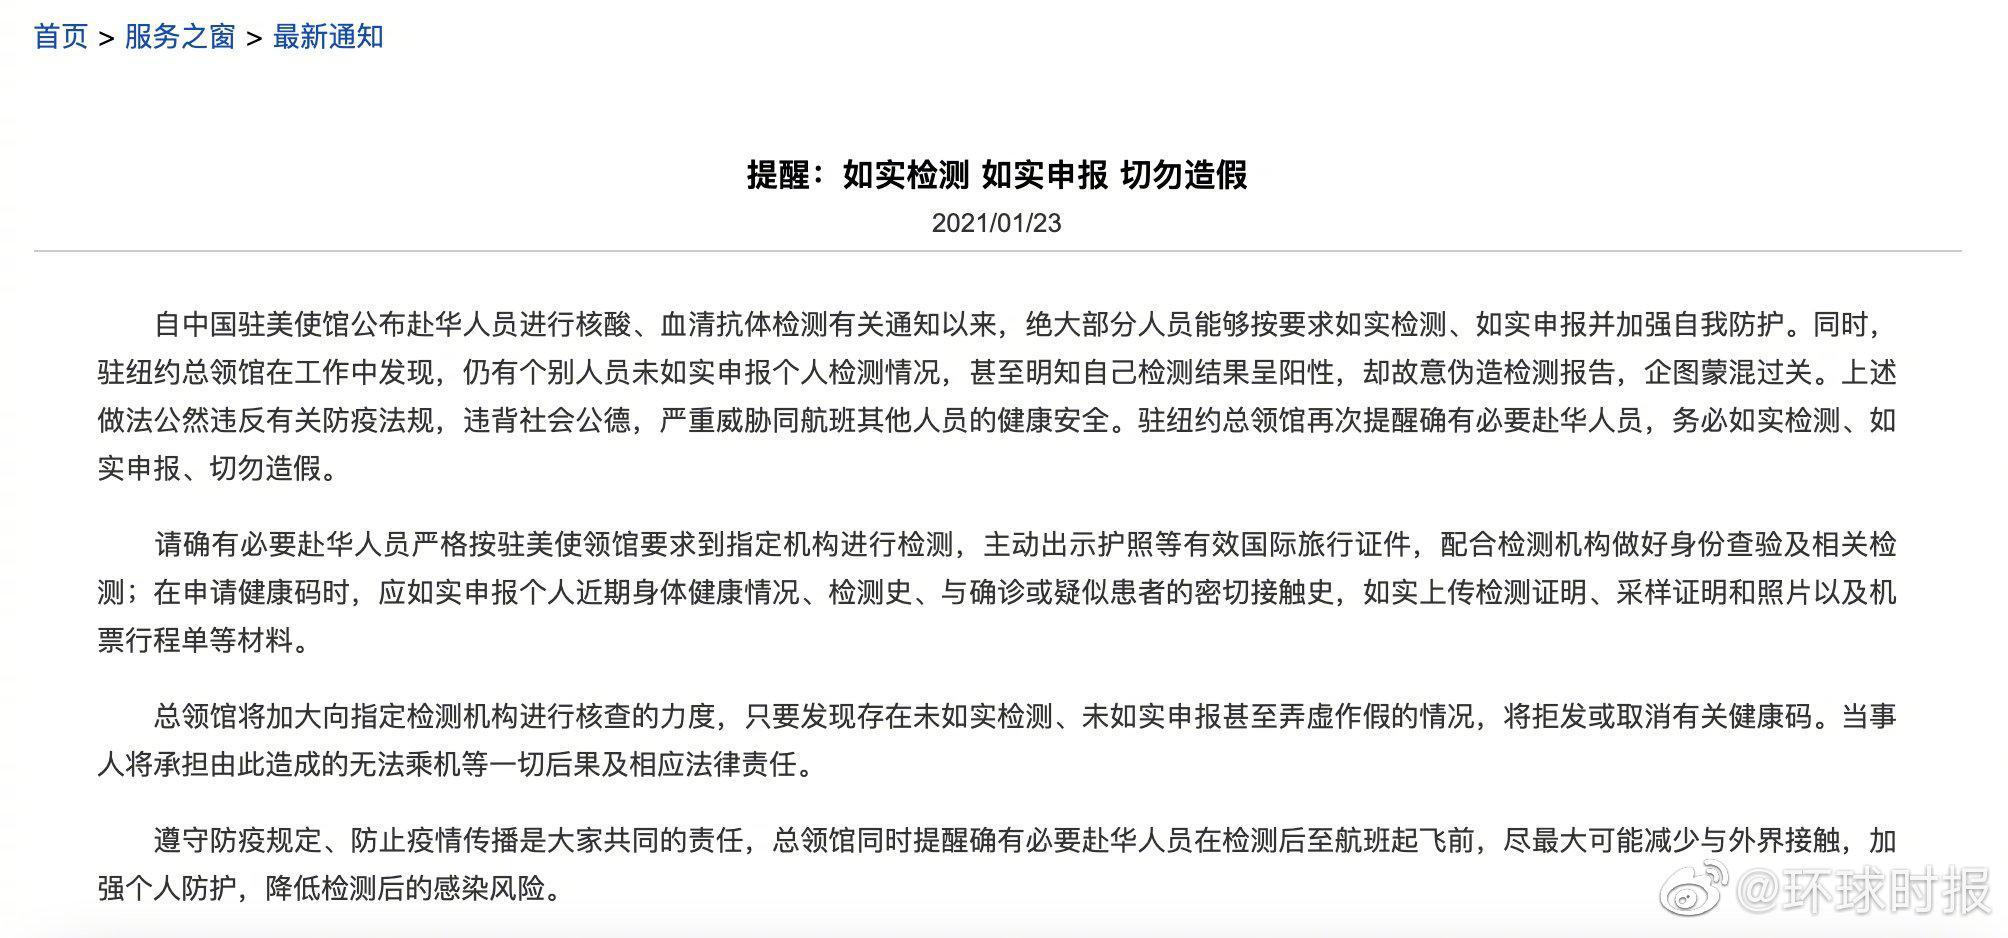 驻纽约总领馆:个别赴华人员未如实申报个人检测情况,明知检测结果呈阳性,却故意伪造检测报告企图蒙混过关